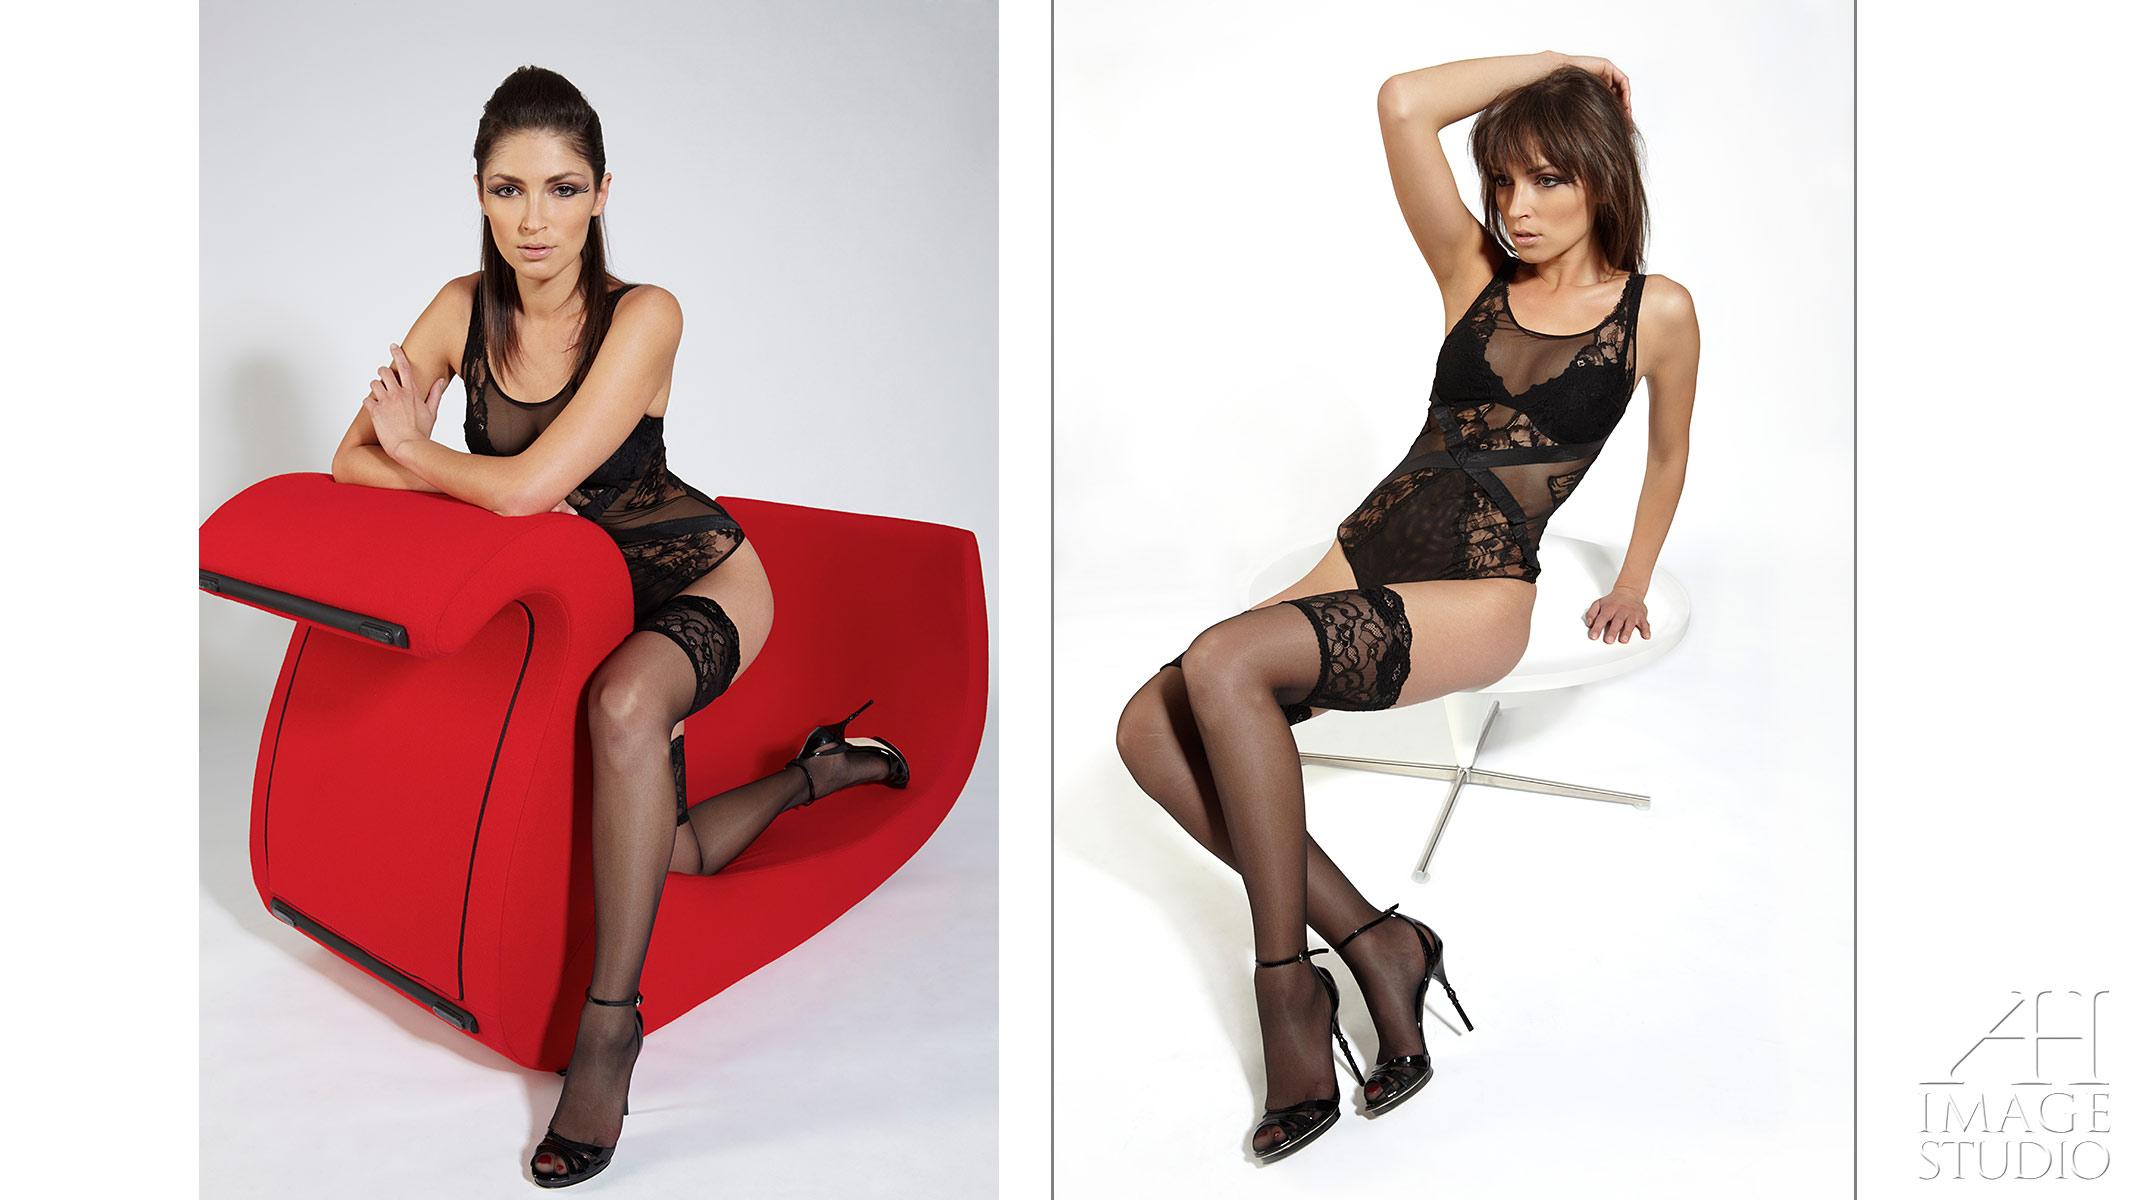 boudoir artistic underwear photography